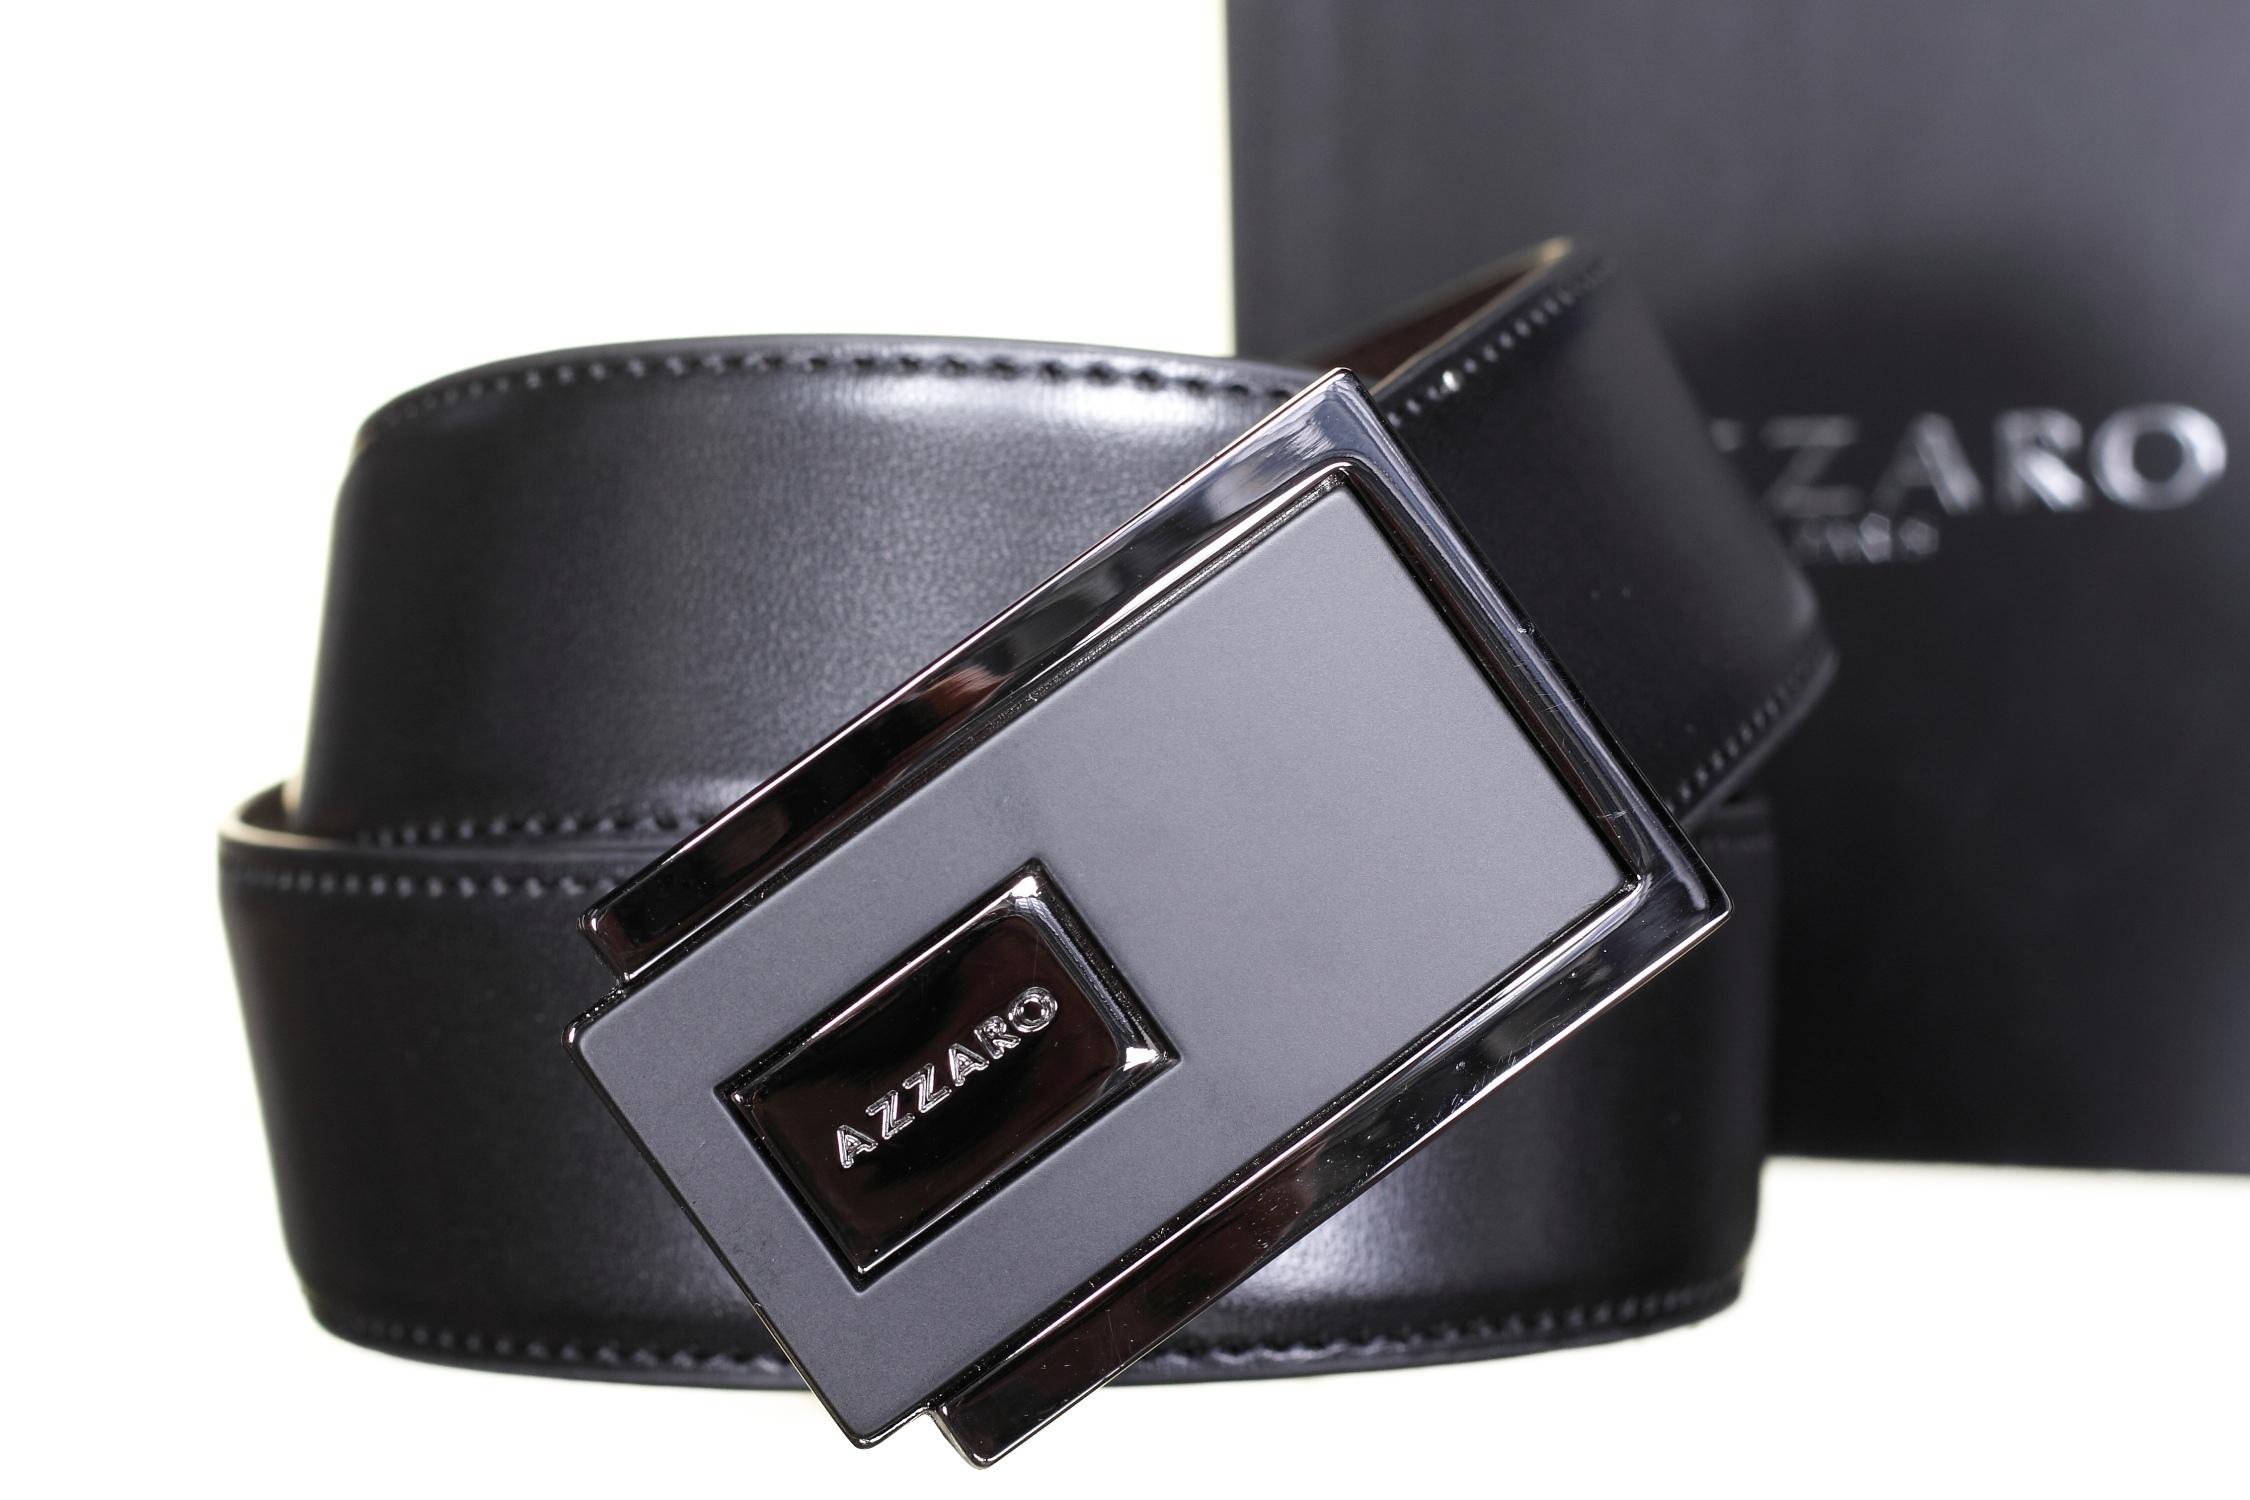 https://www.leadermode.com/91317/azzaro-large-91344-reversible-noir-marron.jpg